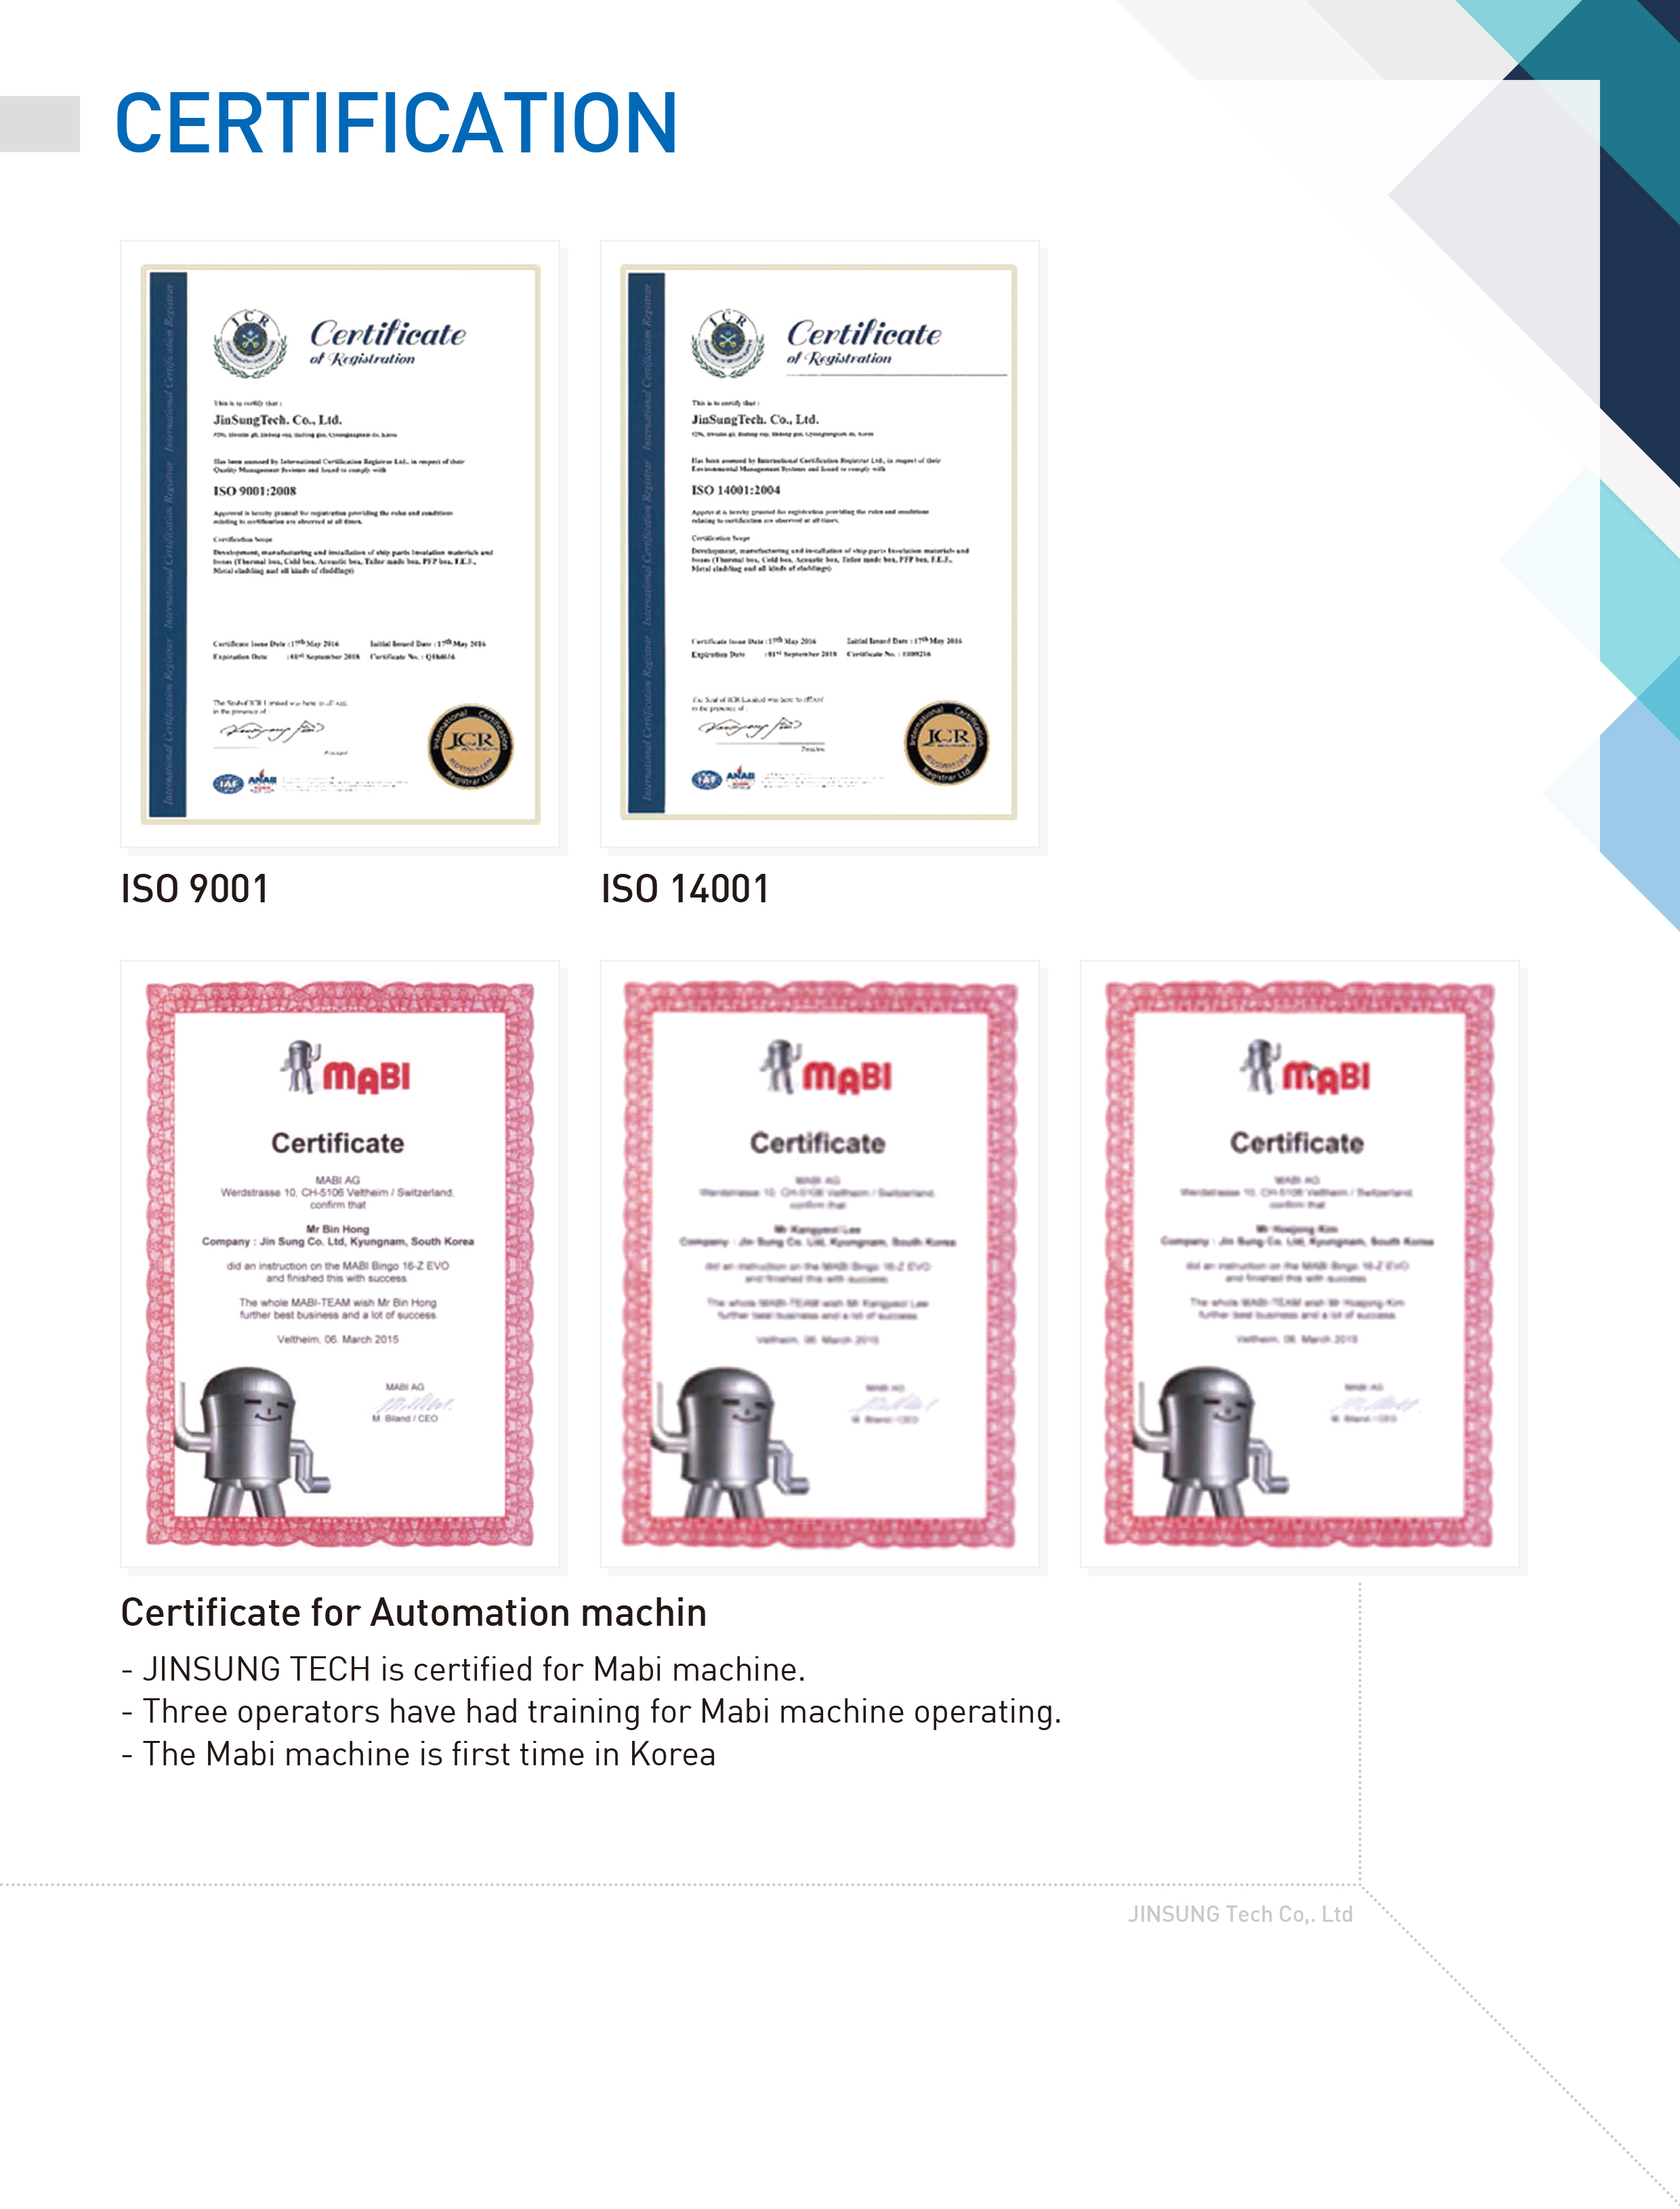 05-jinsung tech-certification.jpg